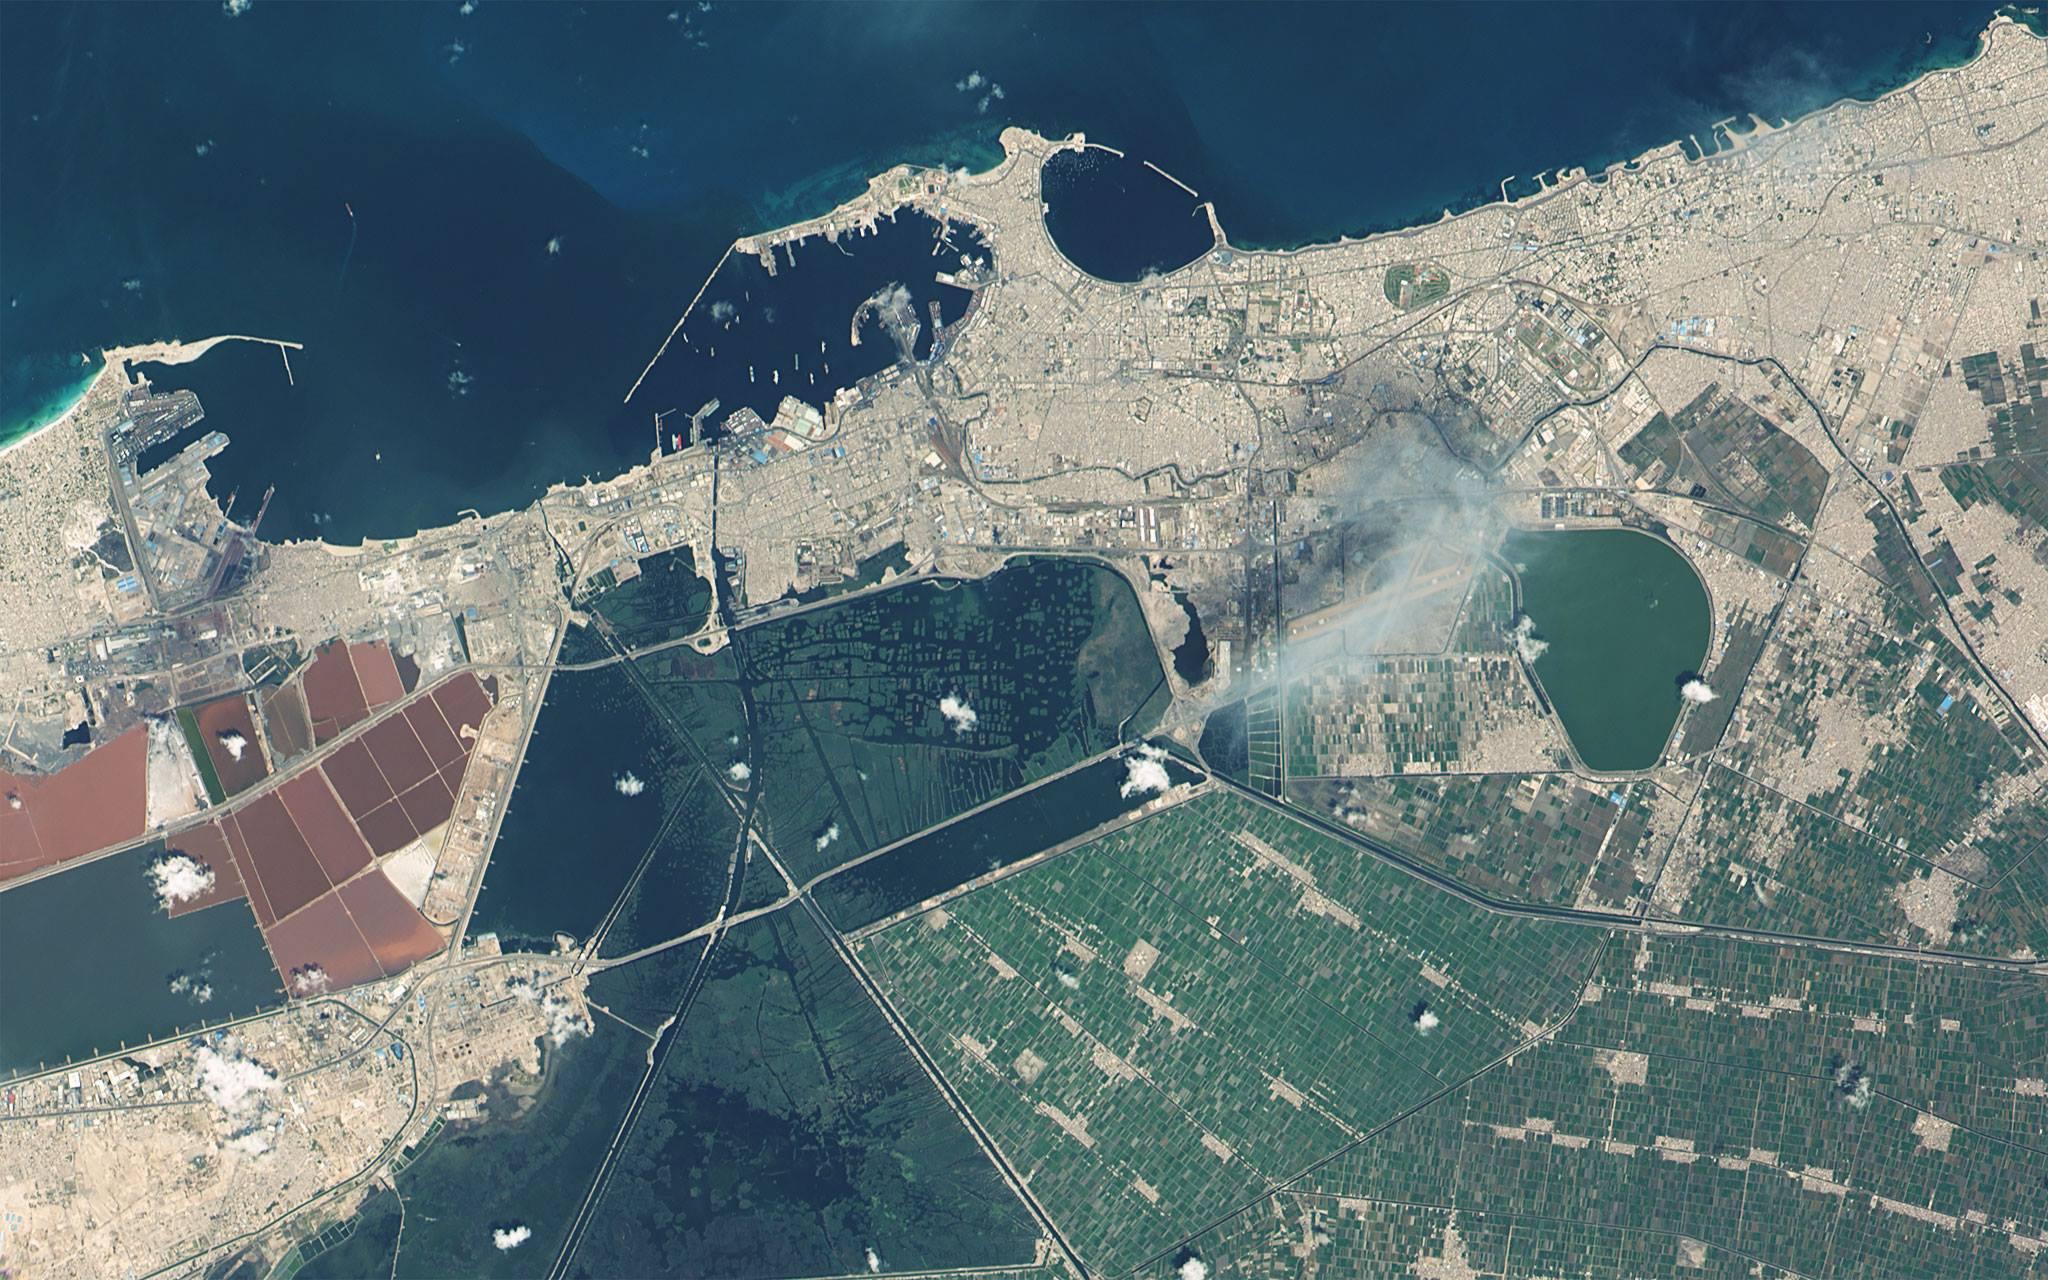 FileAlexandria Egypt Satellite Viewjpg Wikimedia Commons - Earth satellite view 2016